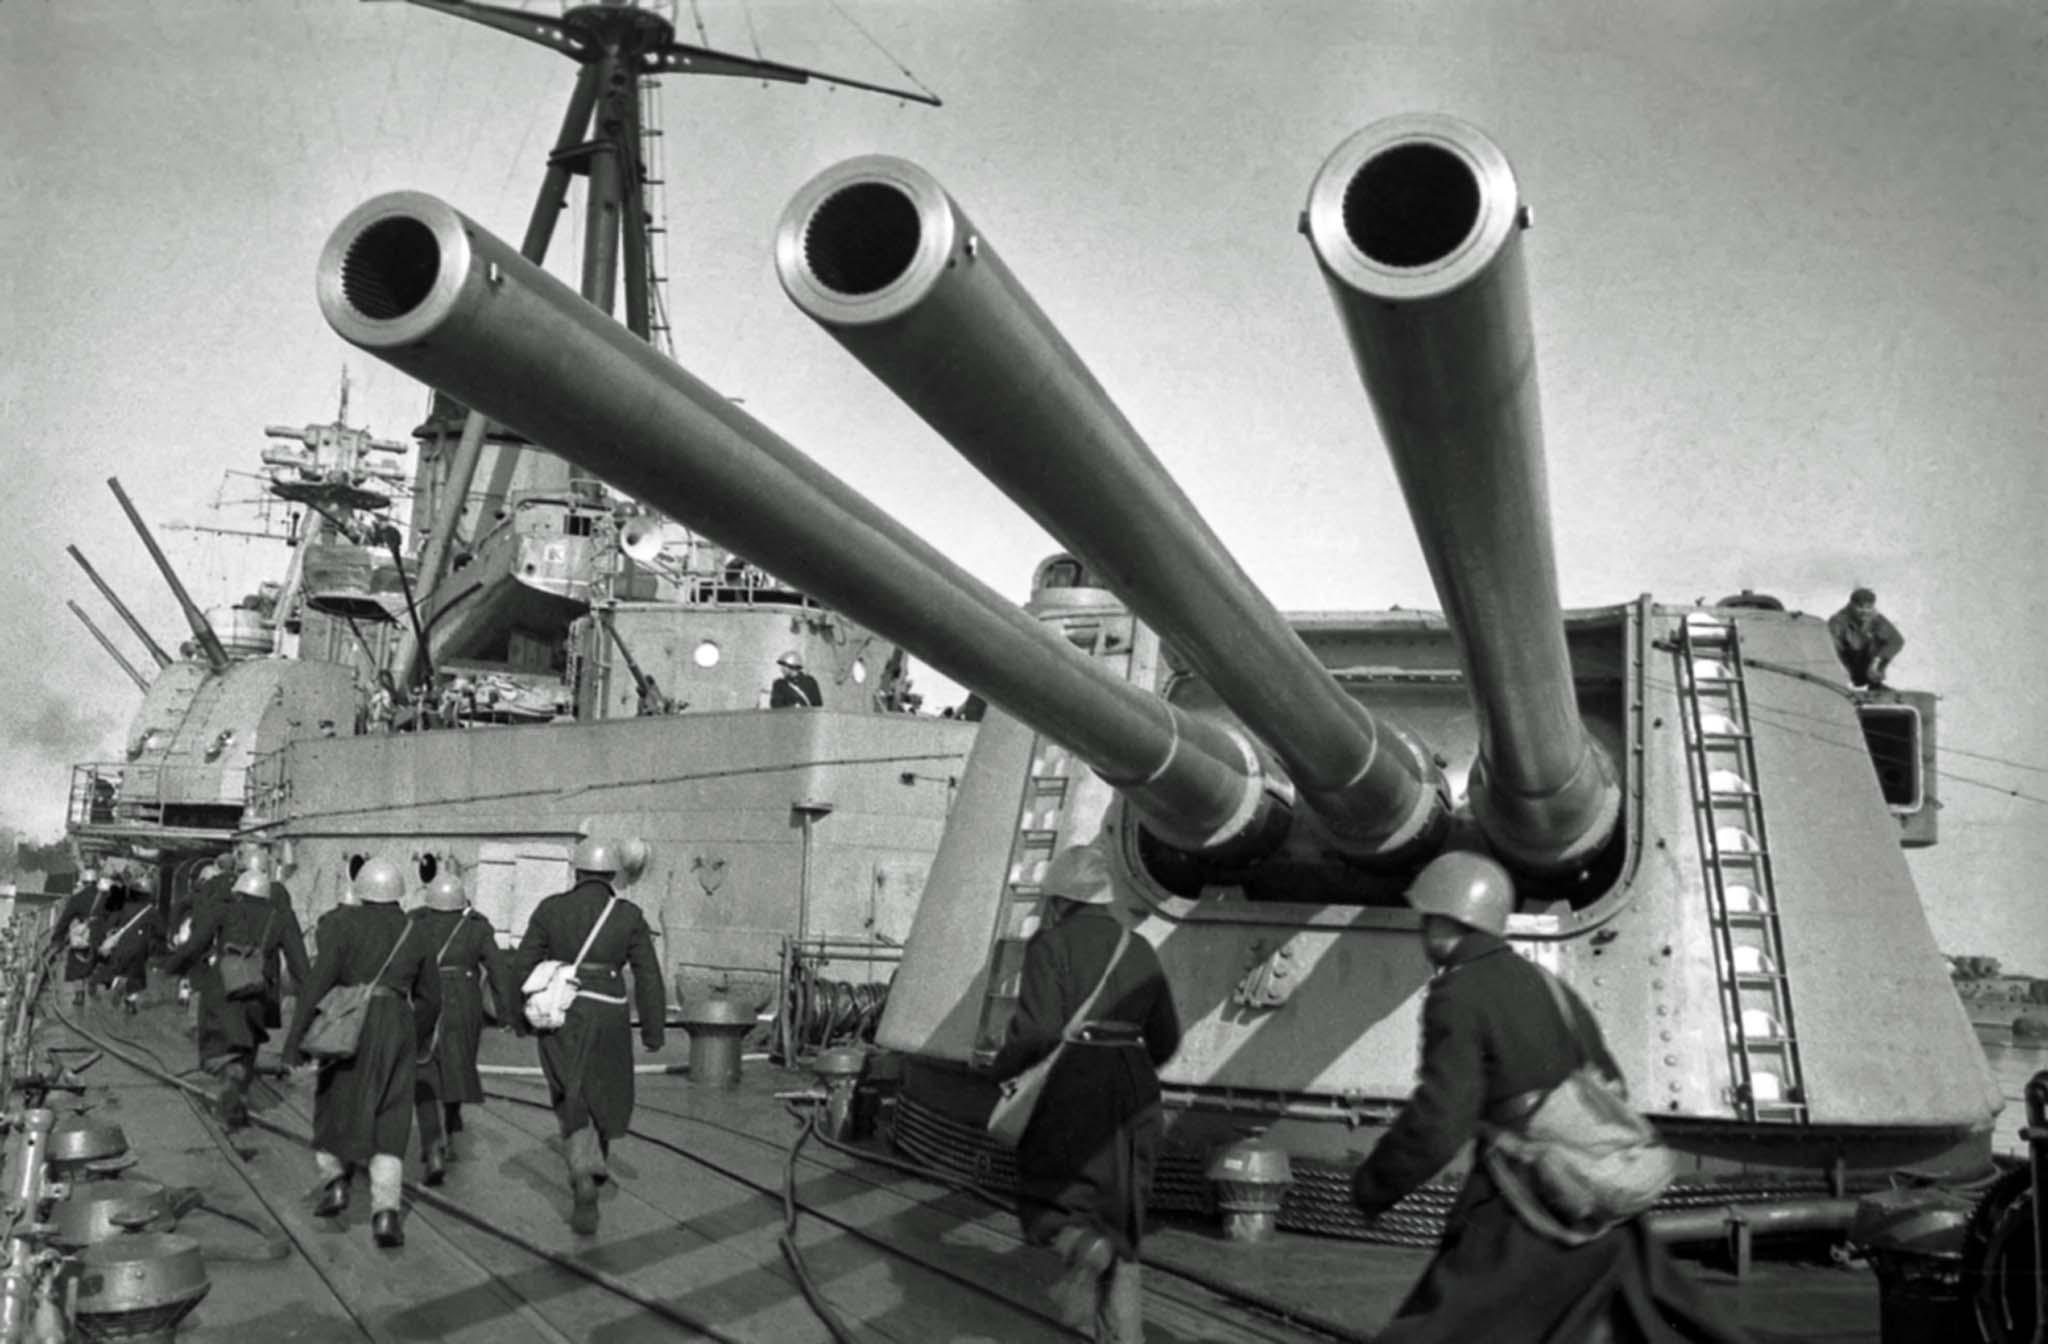 Voroshilov cruiser